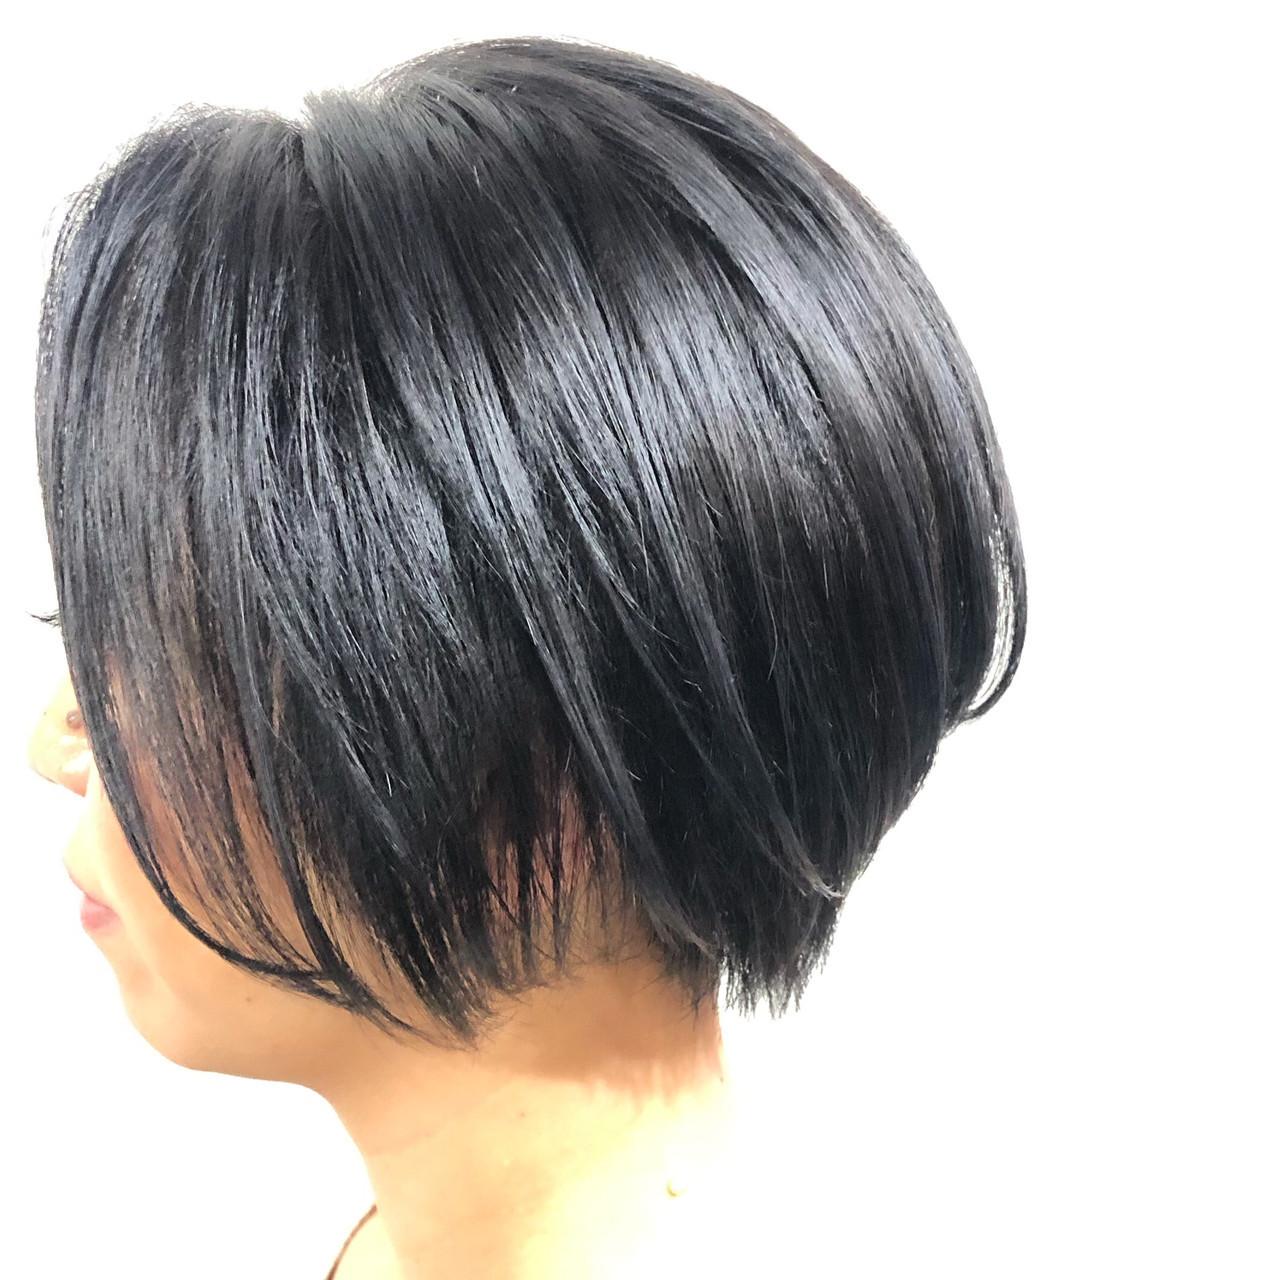 ショート クール モード ブルーアッシュ ヘアスタイルや髪型の写真・画像